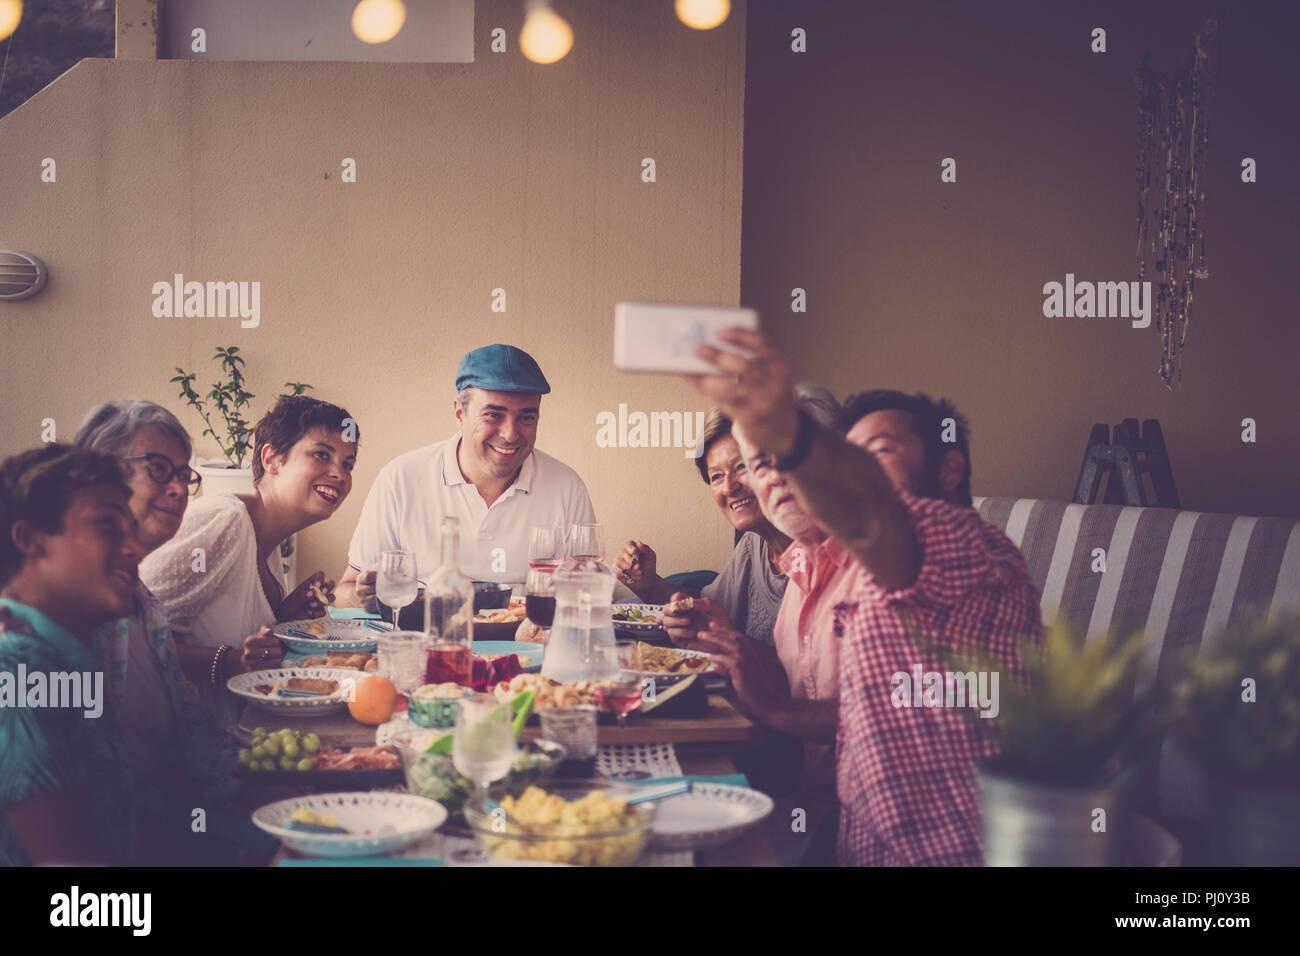 Happy Gruppe von Personen in der Familie Freundschaft alle zusammen feiern und ein schönes Abendessen zu Hause im Freien auf der Terrasse. Ein Mann nehmen selfie für al Stockbild